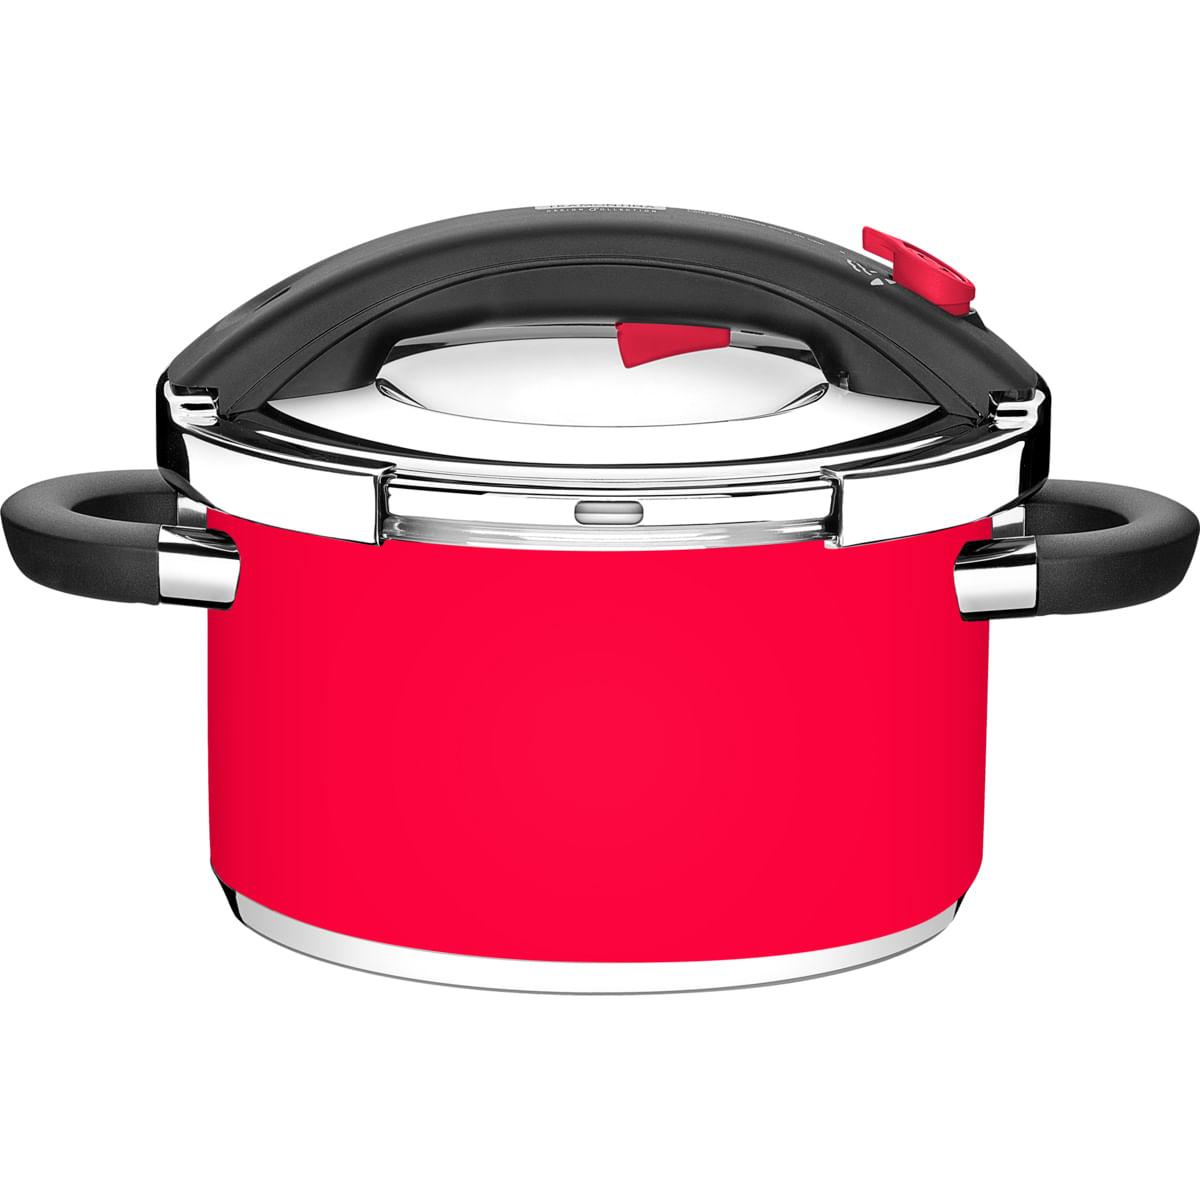 Panela de Pressão Tramontina Vermelha em Aço Inox Fundo Triplo 24 cm 6 Litros